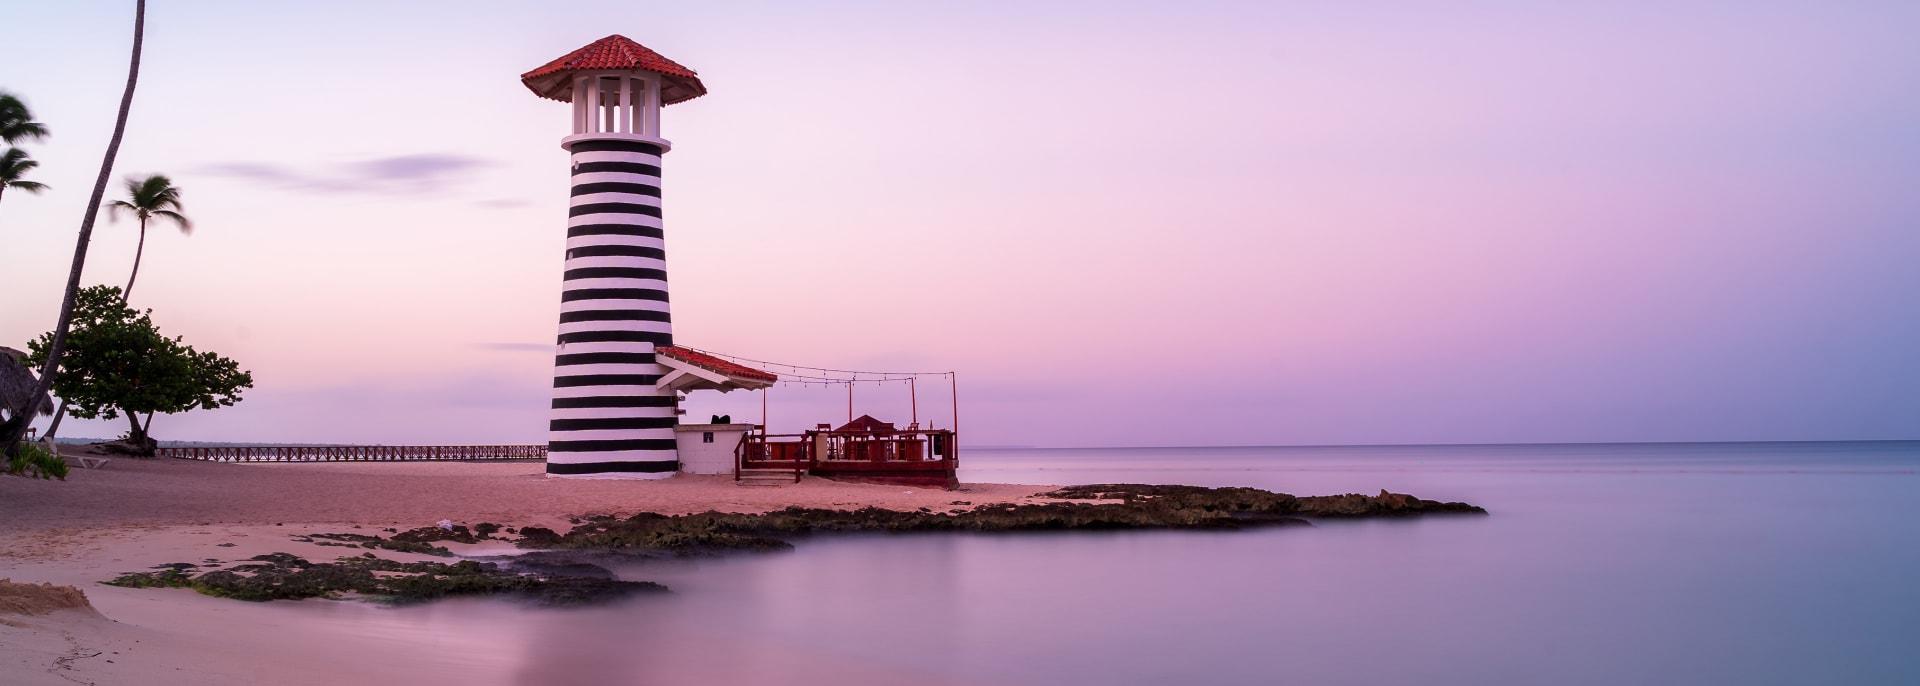 Sonnenaufgang am Strand von Bayahibe mit glattem Wasser, La Romana, Dominikanische Republik